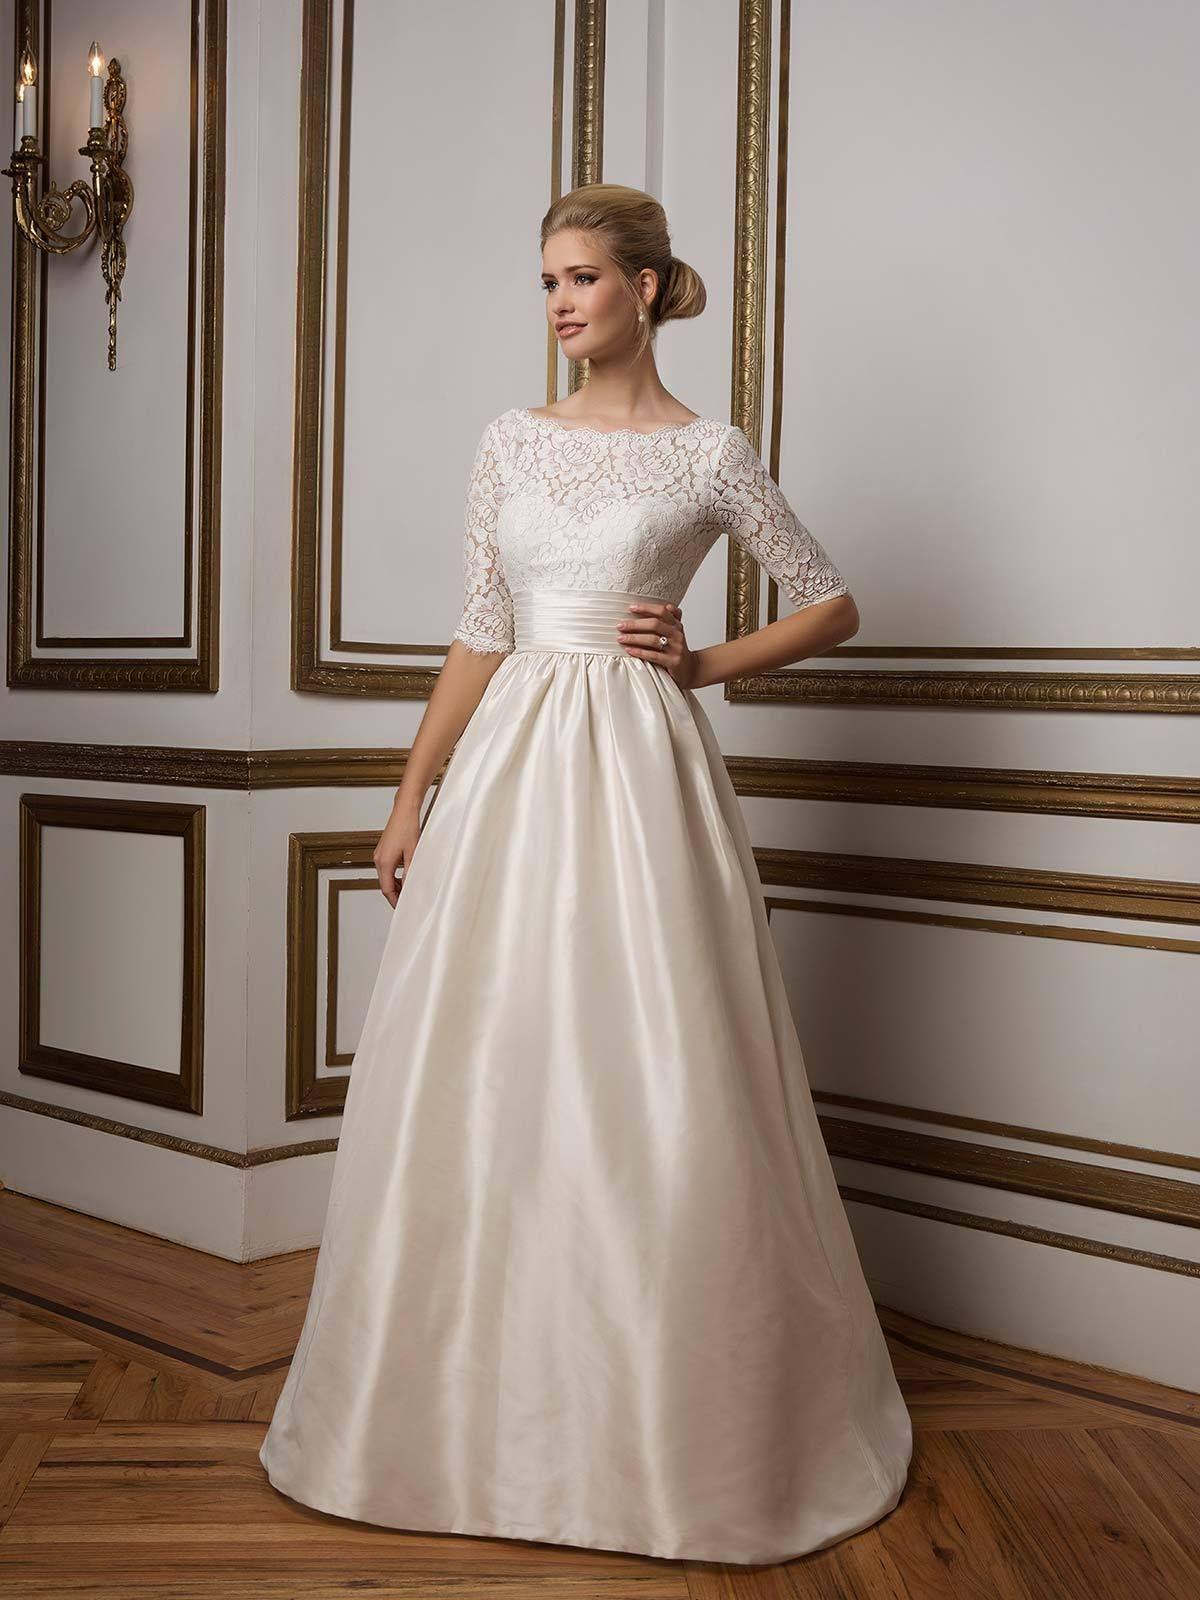 Brautkleid 20 von Justin Alexander auf Ja.de  Brautmode, Braut